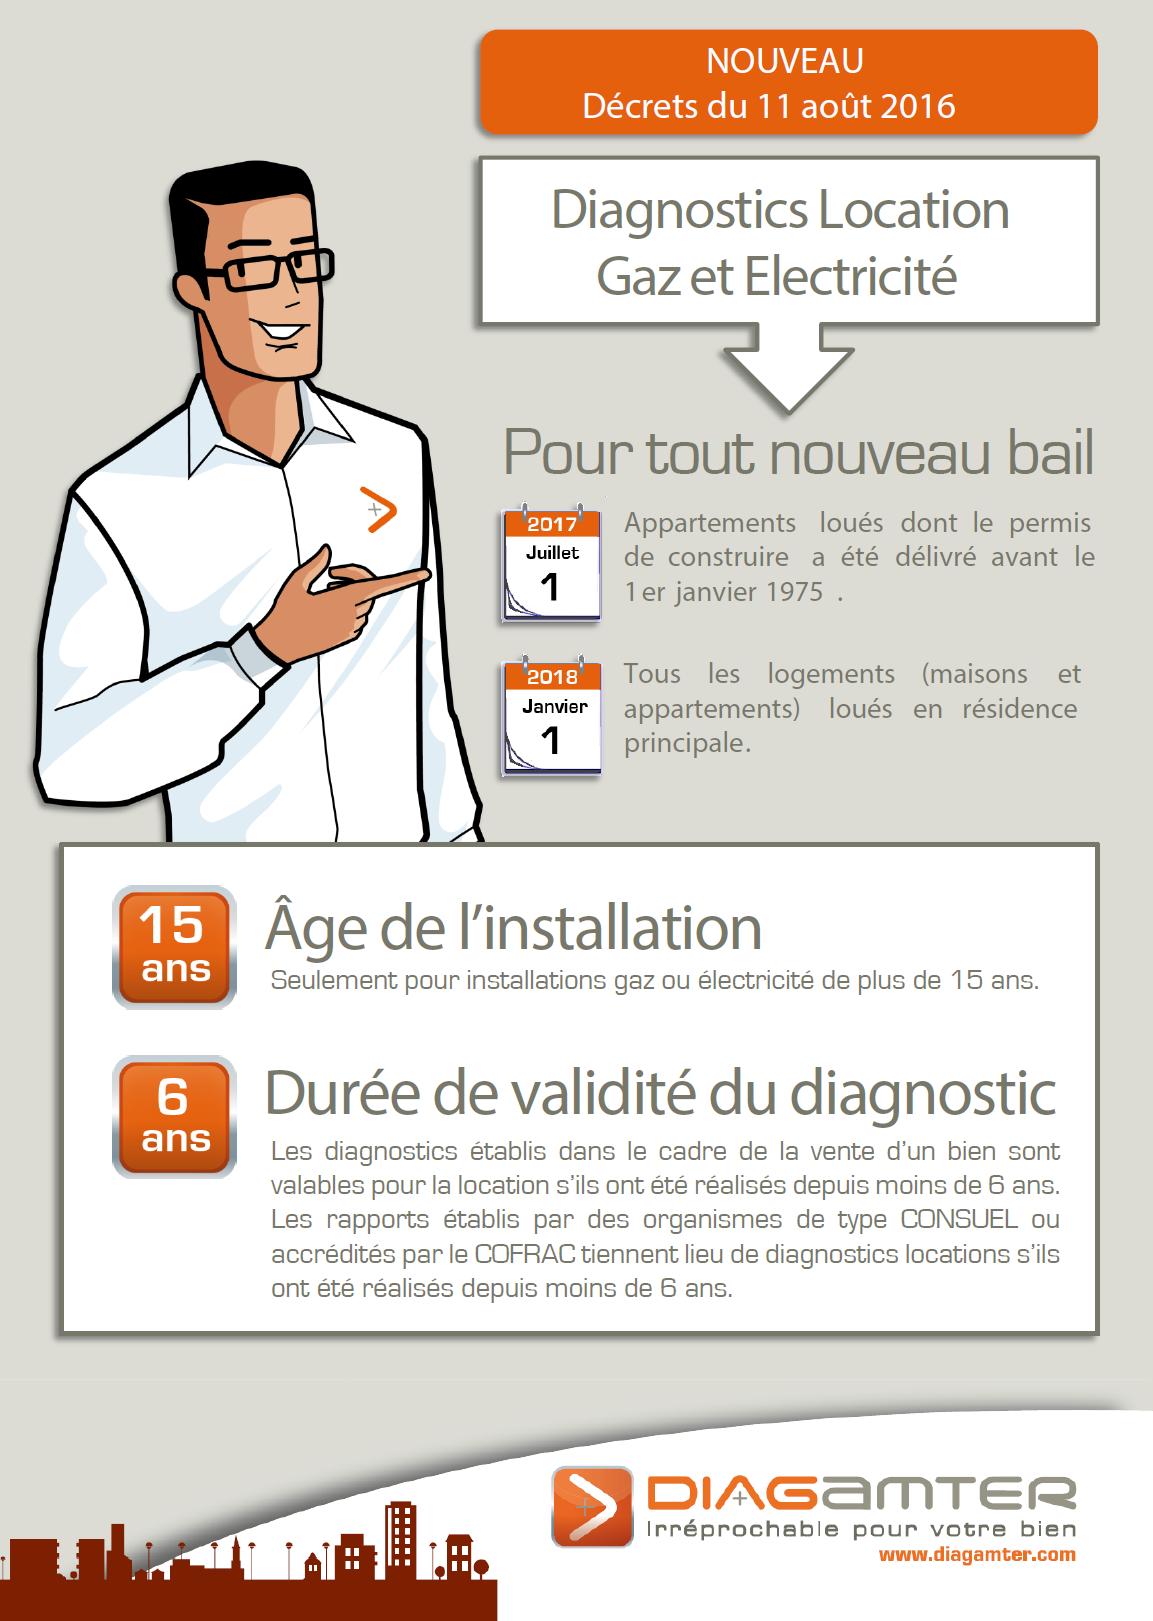 diagnostic gaz et electricité location